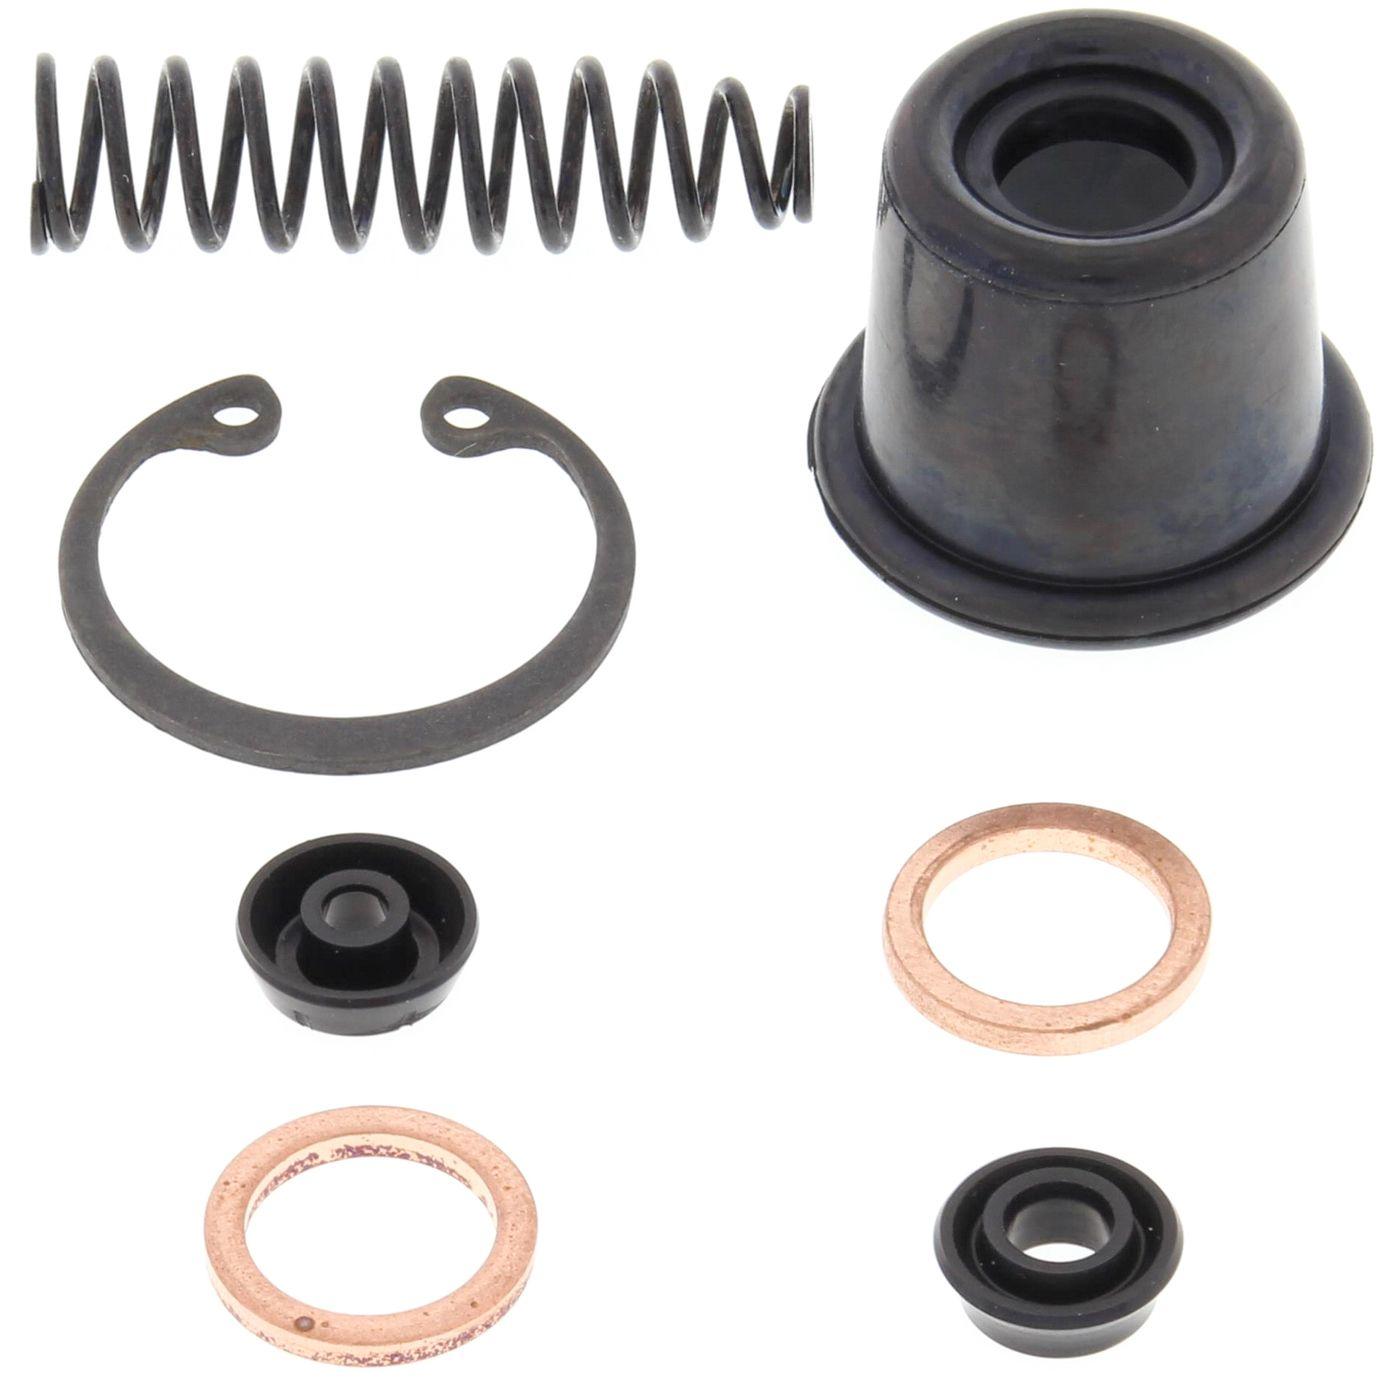 Wrp Master Cylinder Repair Kit - WRP181008 image